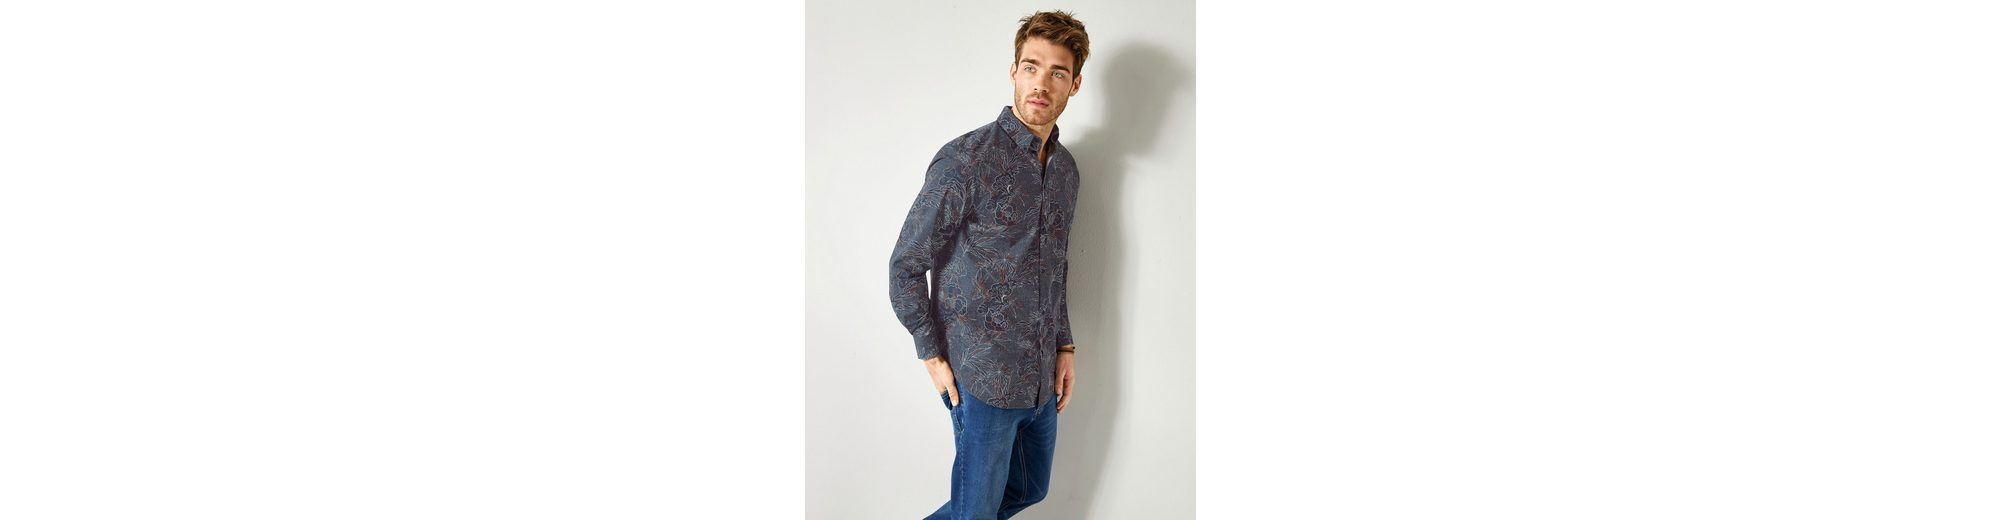 Men Plus by Happy Size Hemd mit Allover-Print Steckdose Mit Kreditkarte Billig Verkauf Vorbestellung Online Billigsten Fabrikverkauf Billig Verkauf Rabatt 8eywnx